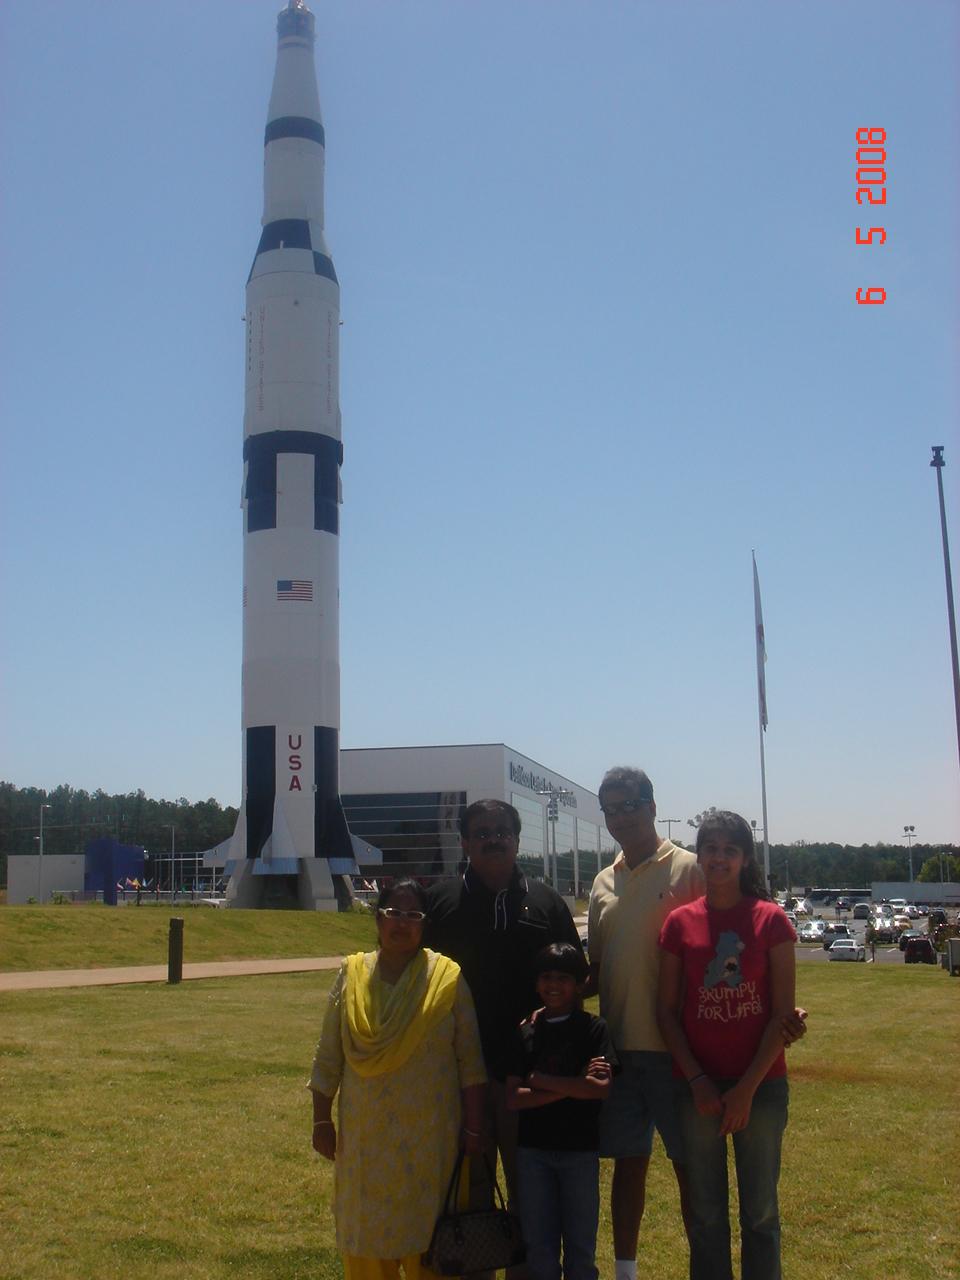 Rockets at Rocket City, Huntsville USA